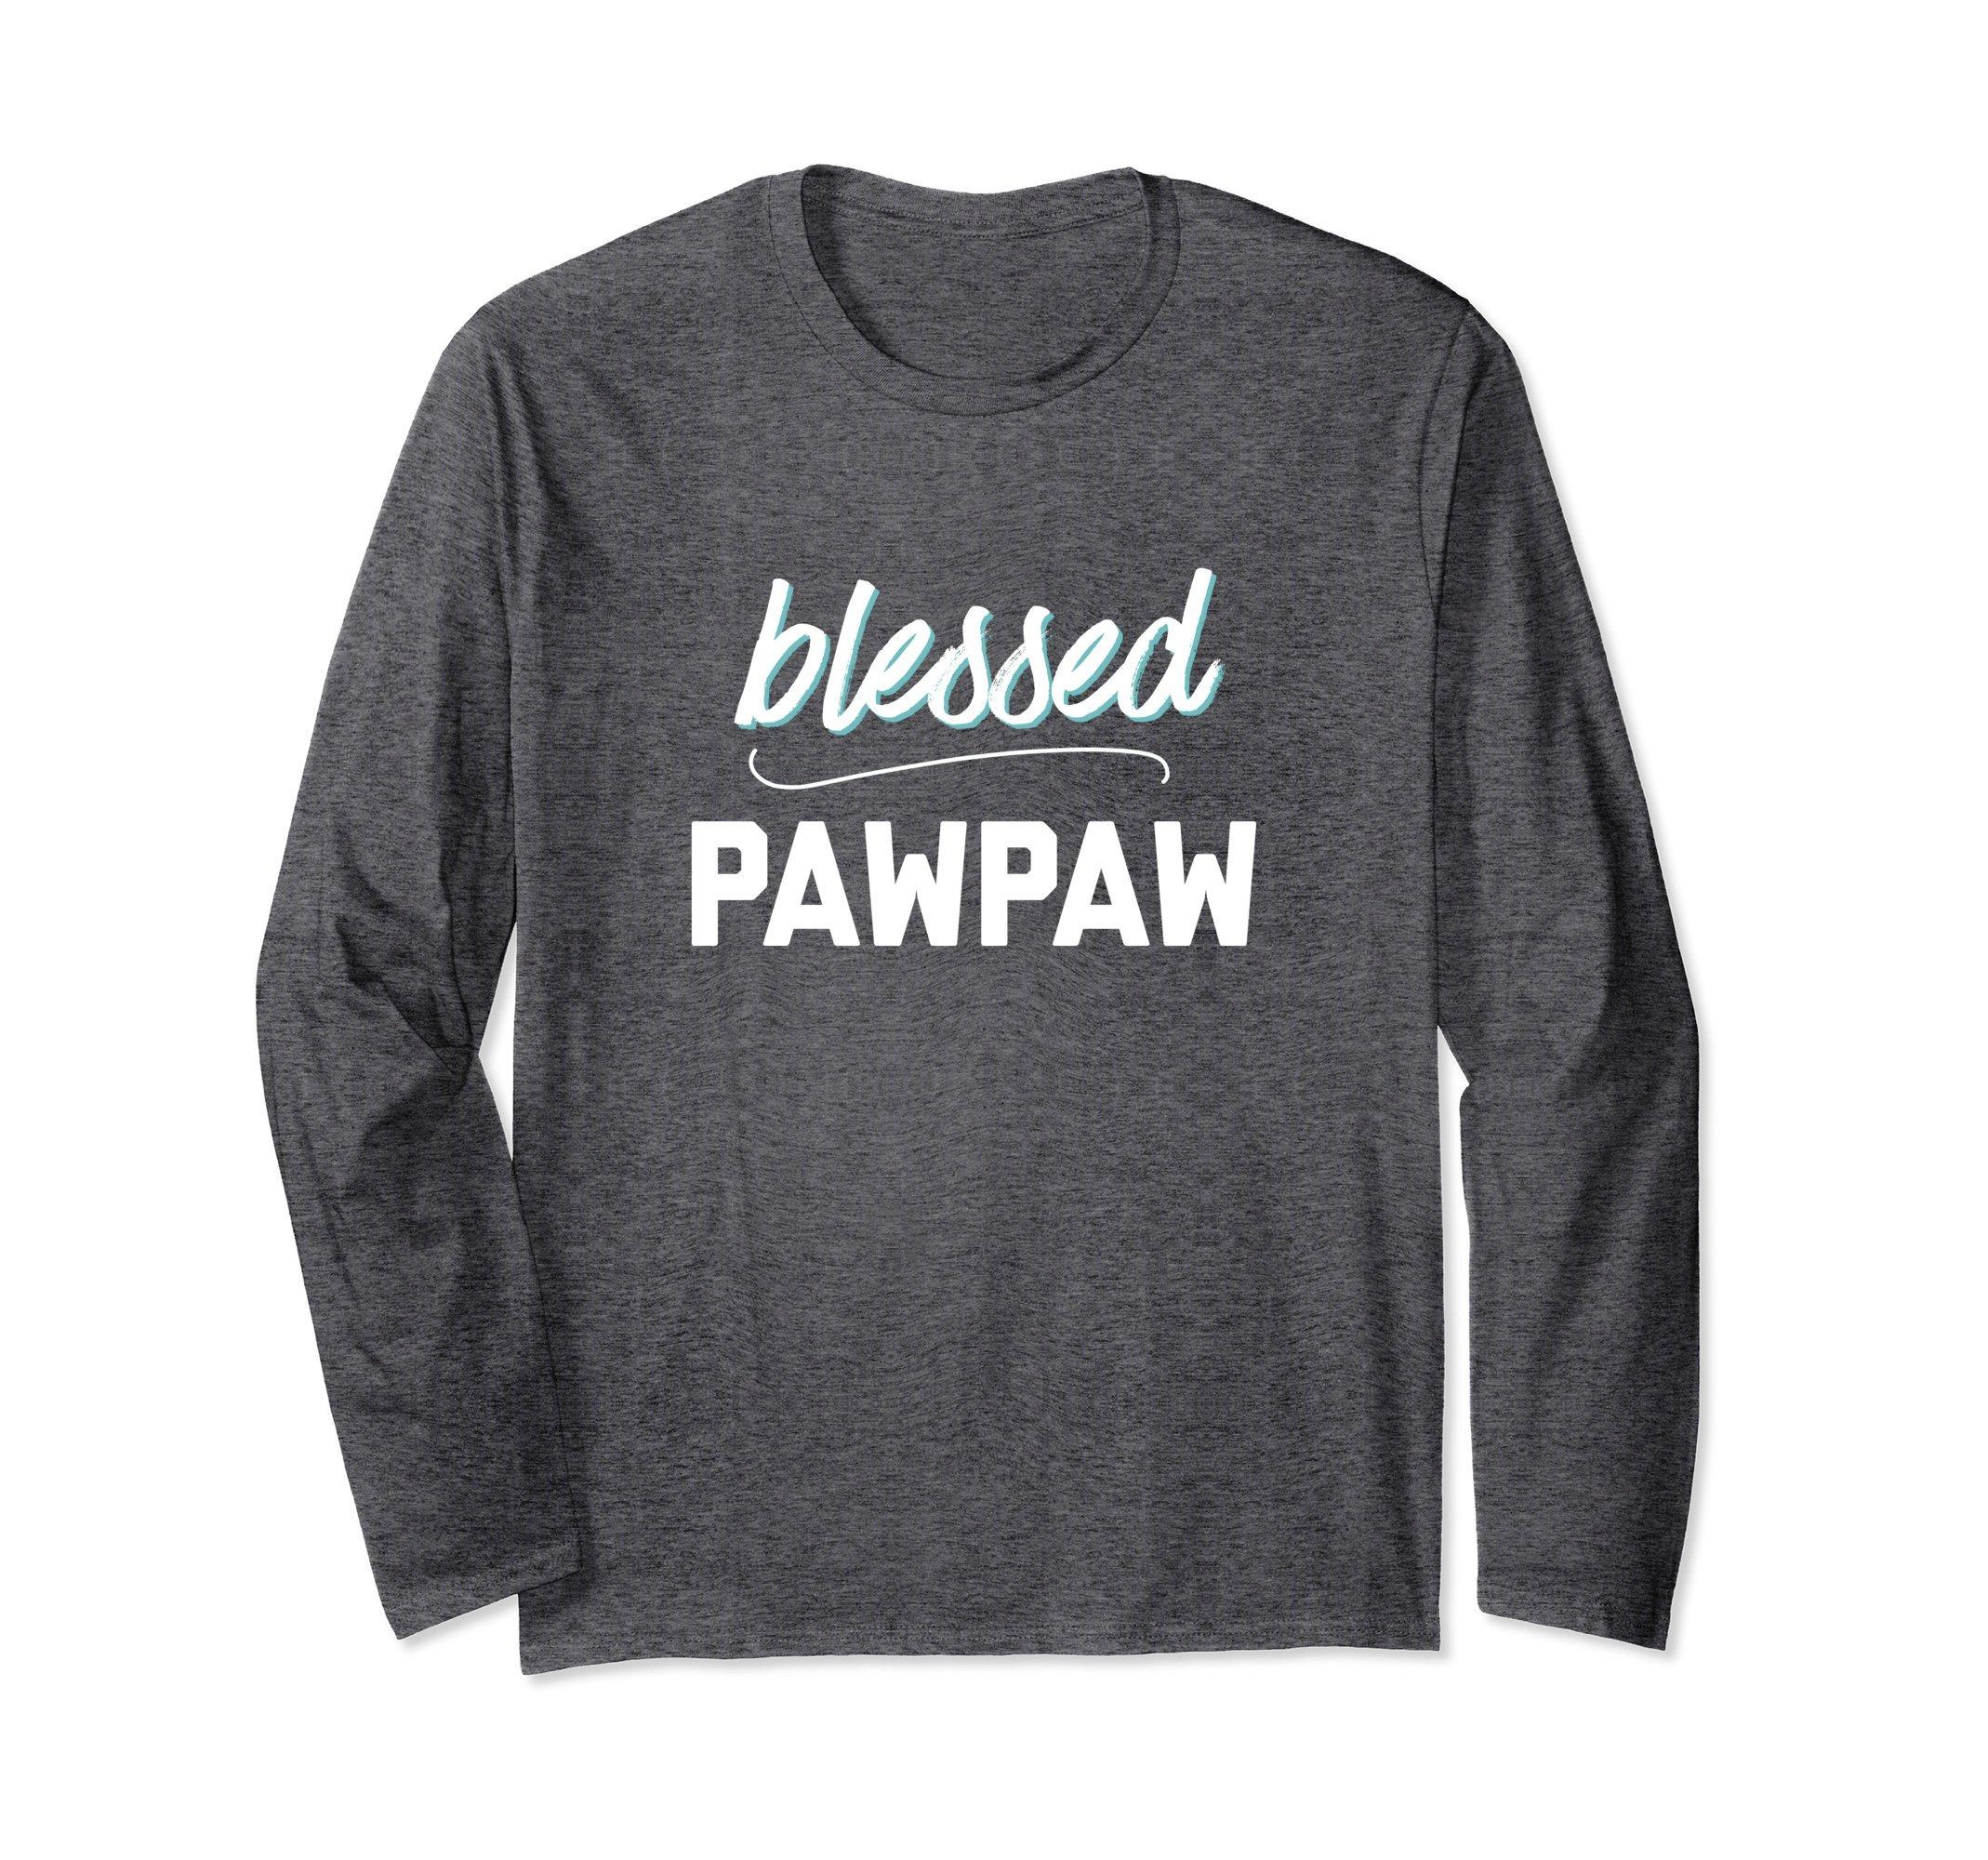 Unisex Blessed Pawpaw Christian Favorite Grandpa Longsleeve Tshirt Medium Dark Heather by Favorite People Clothing